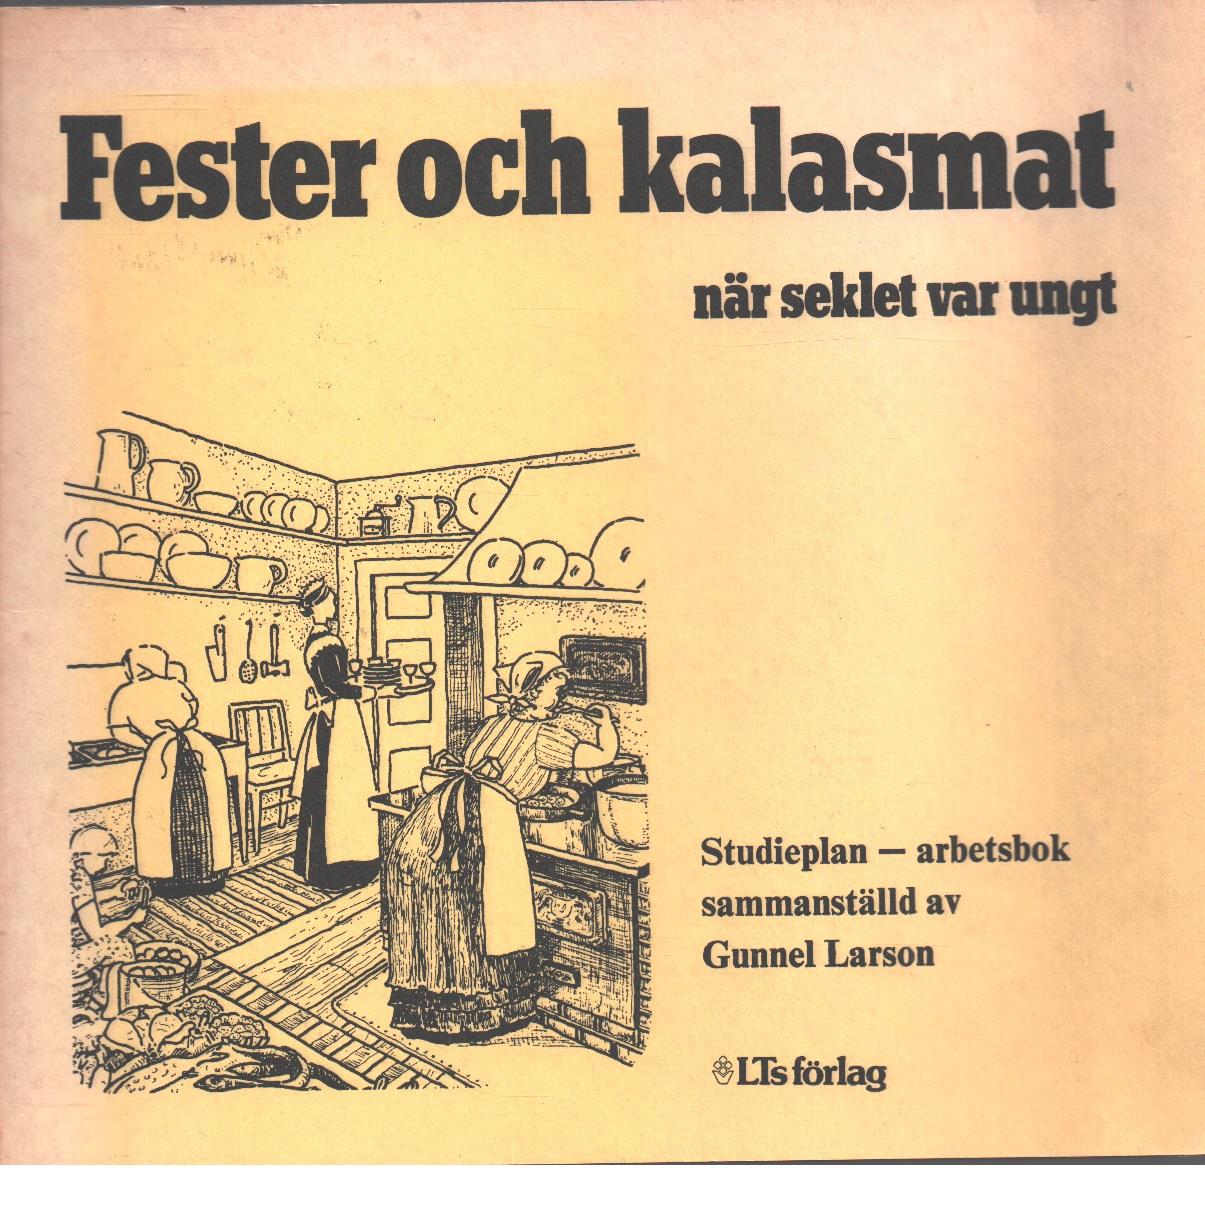 Fester och kalasmat när seklet var ungt. Studieplan - arbetsbok - Wallensteen-Jæger, Ru